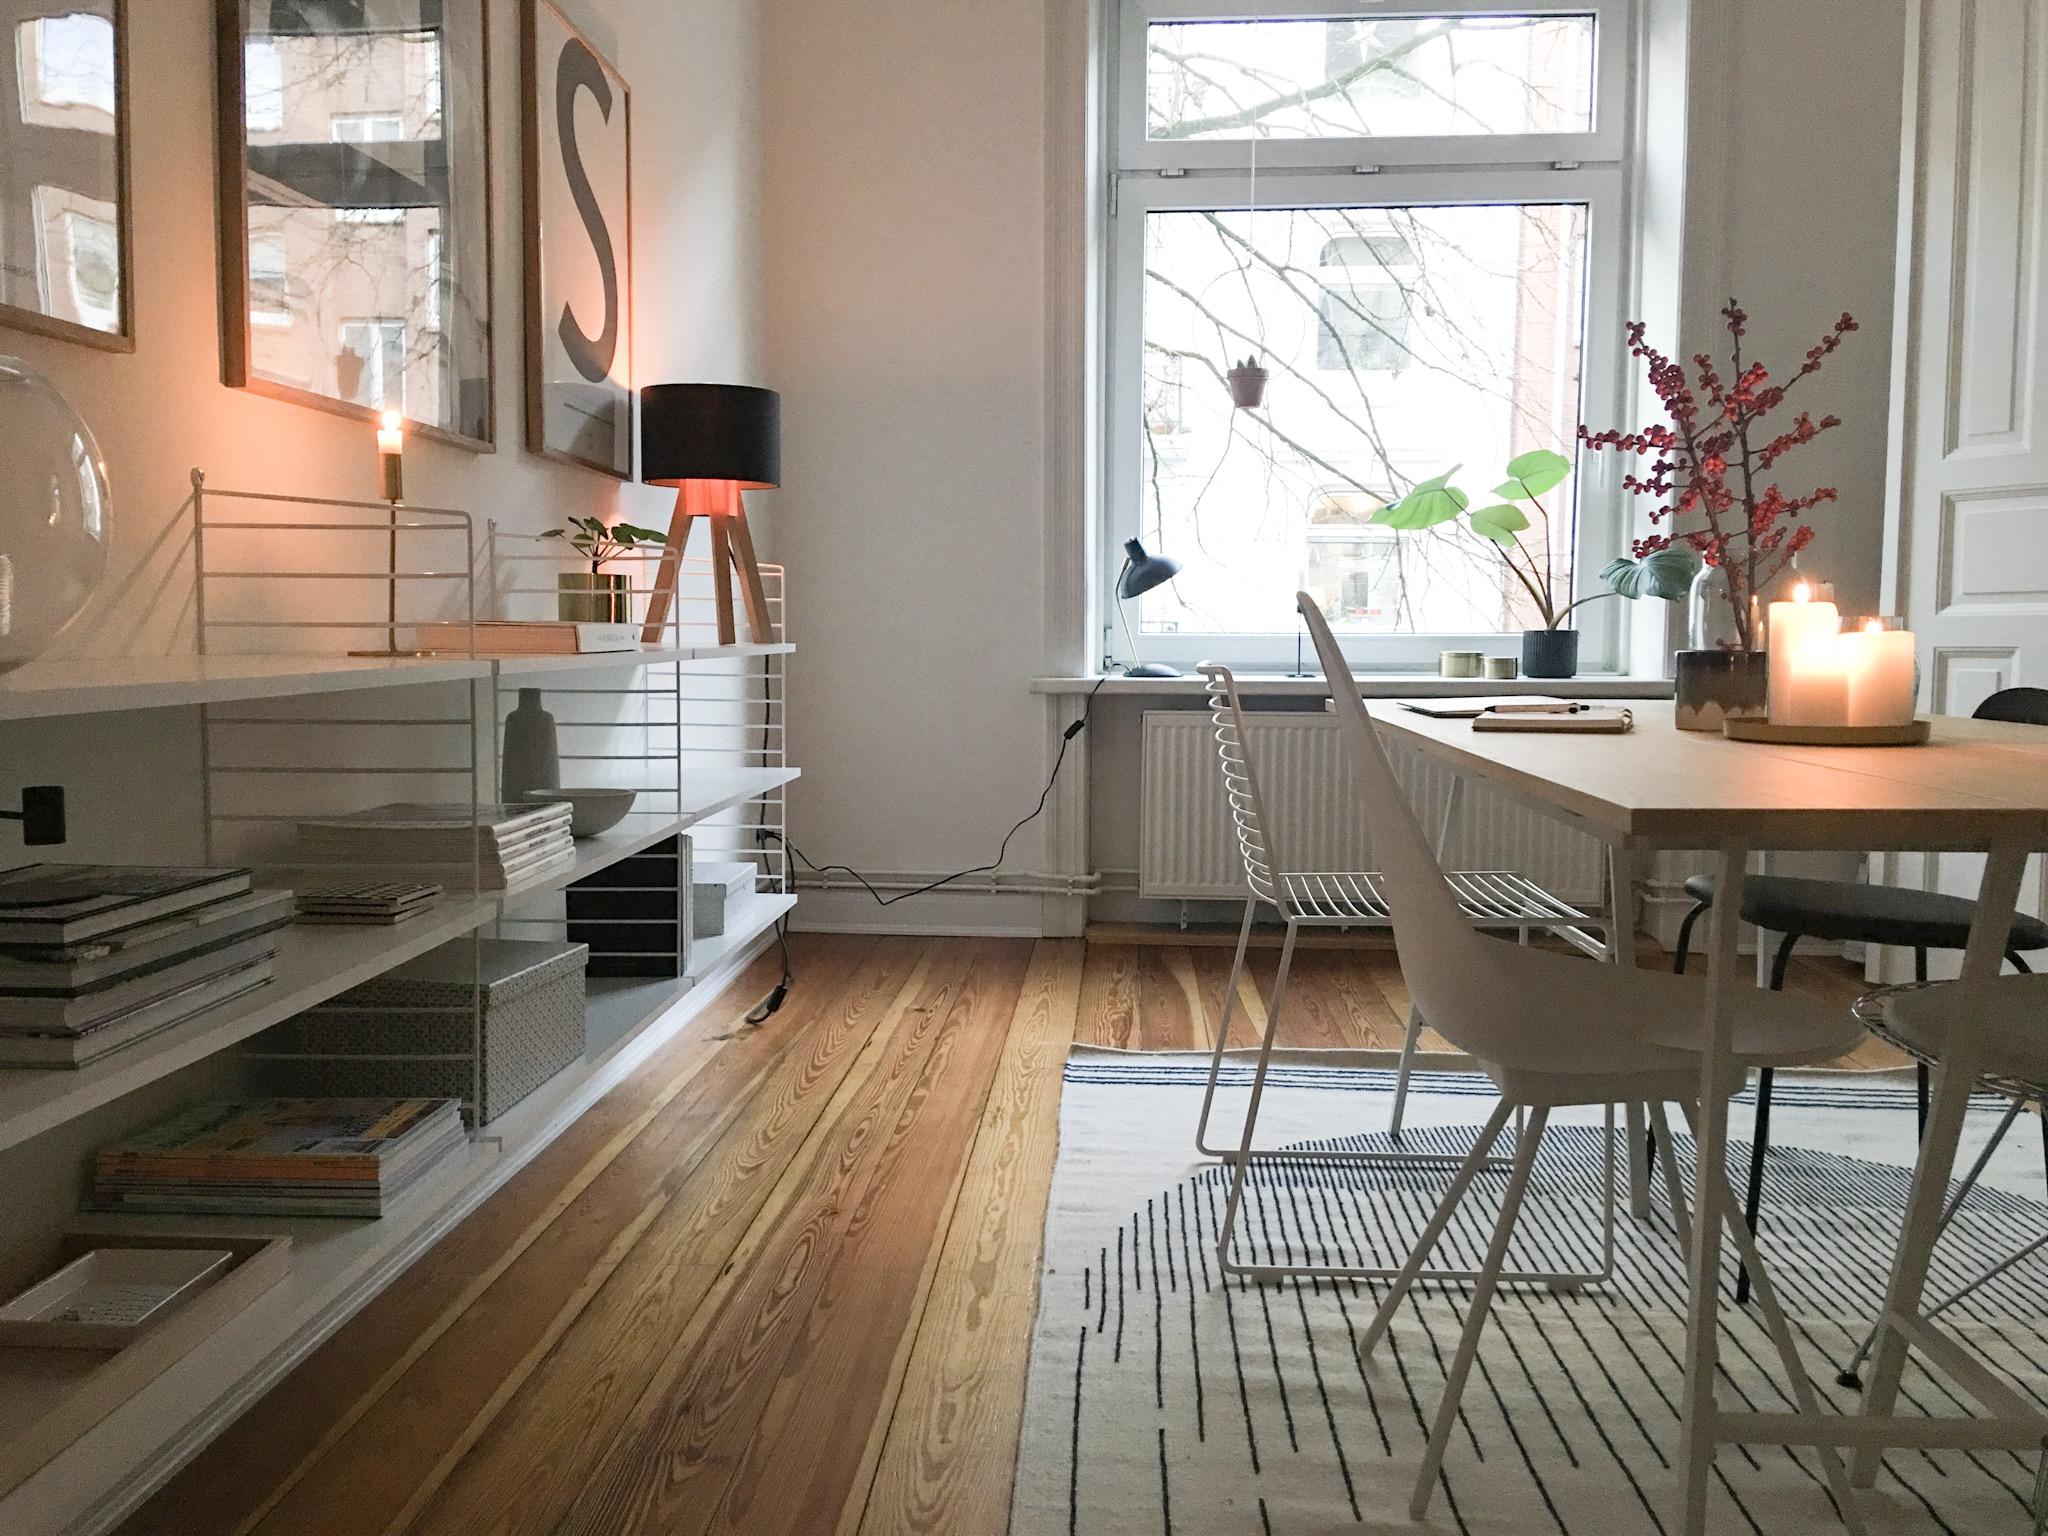 interior design hamburg dienstagslieblinge kw51. Black Bedroom Furniture Sets. Home Design Ideas